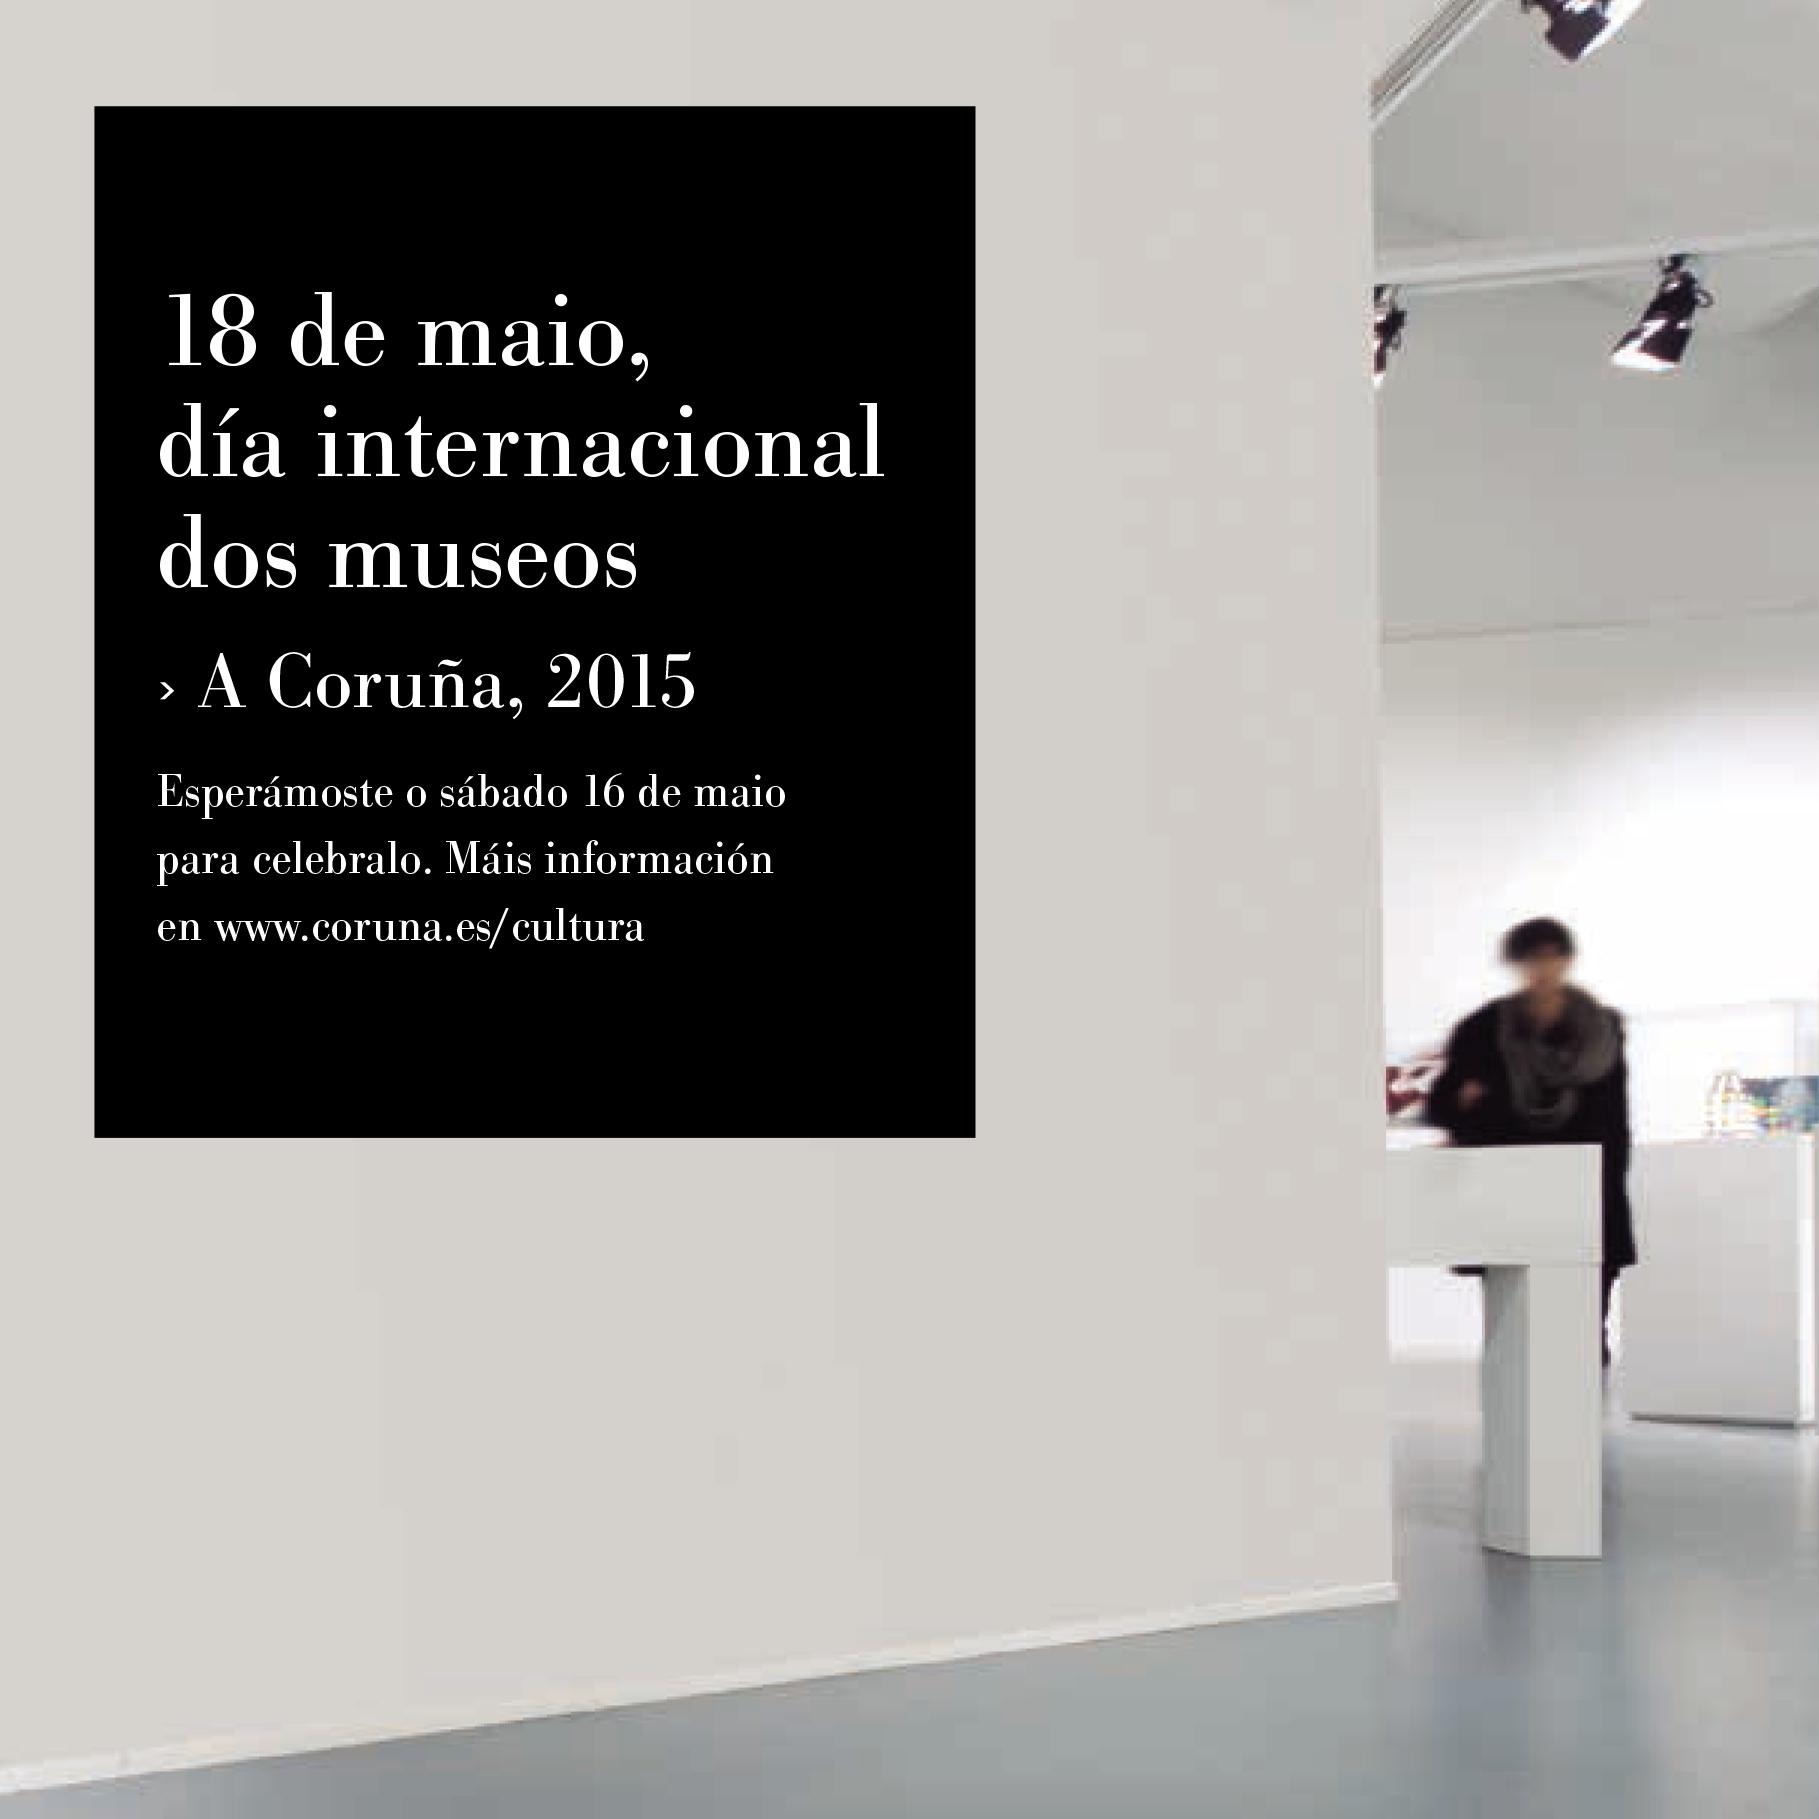 Consulta a programación da Coruña para o #DíadosMuseos ➡ http://goo.gl/EiZKge